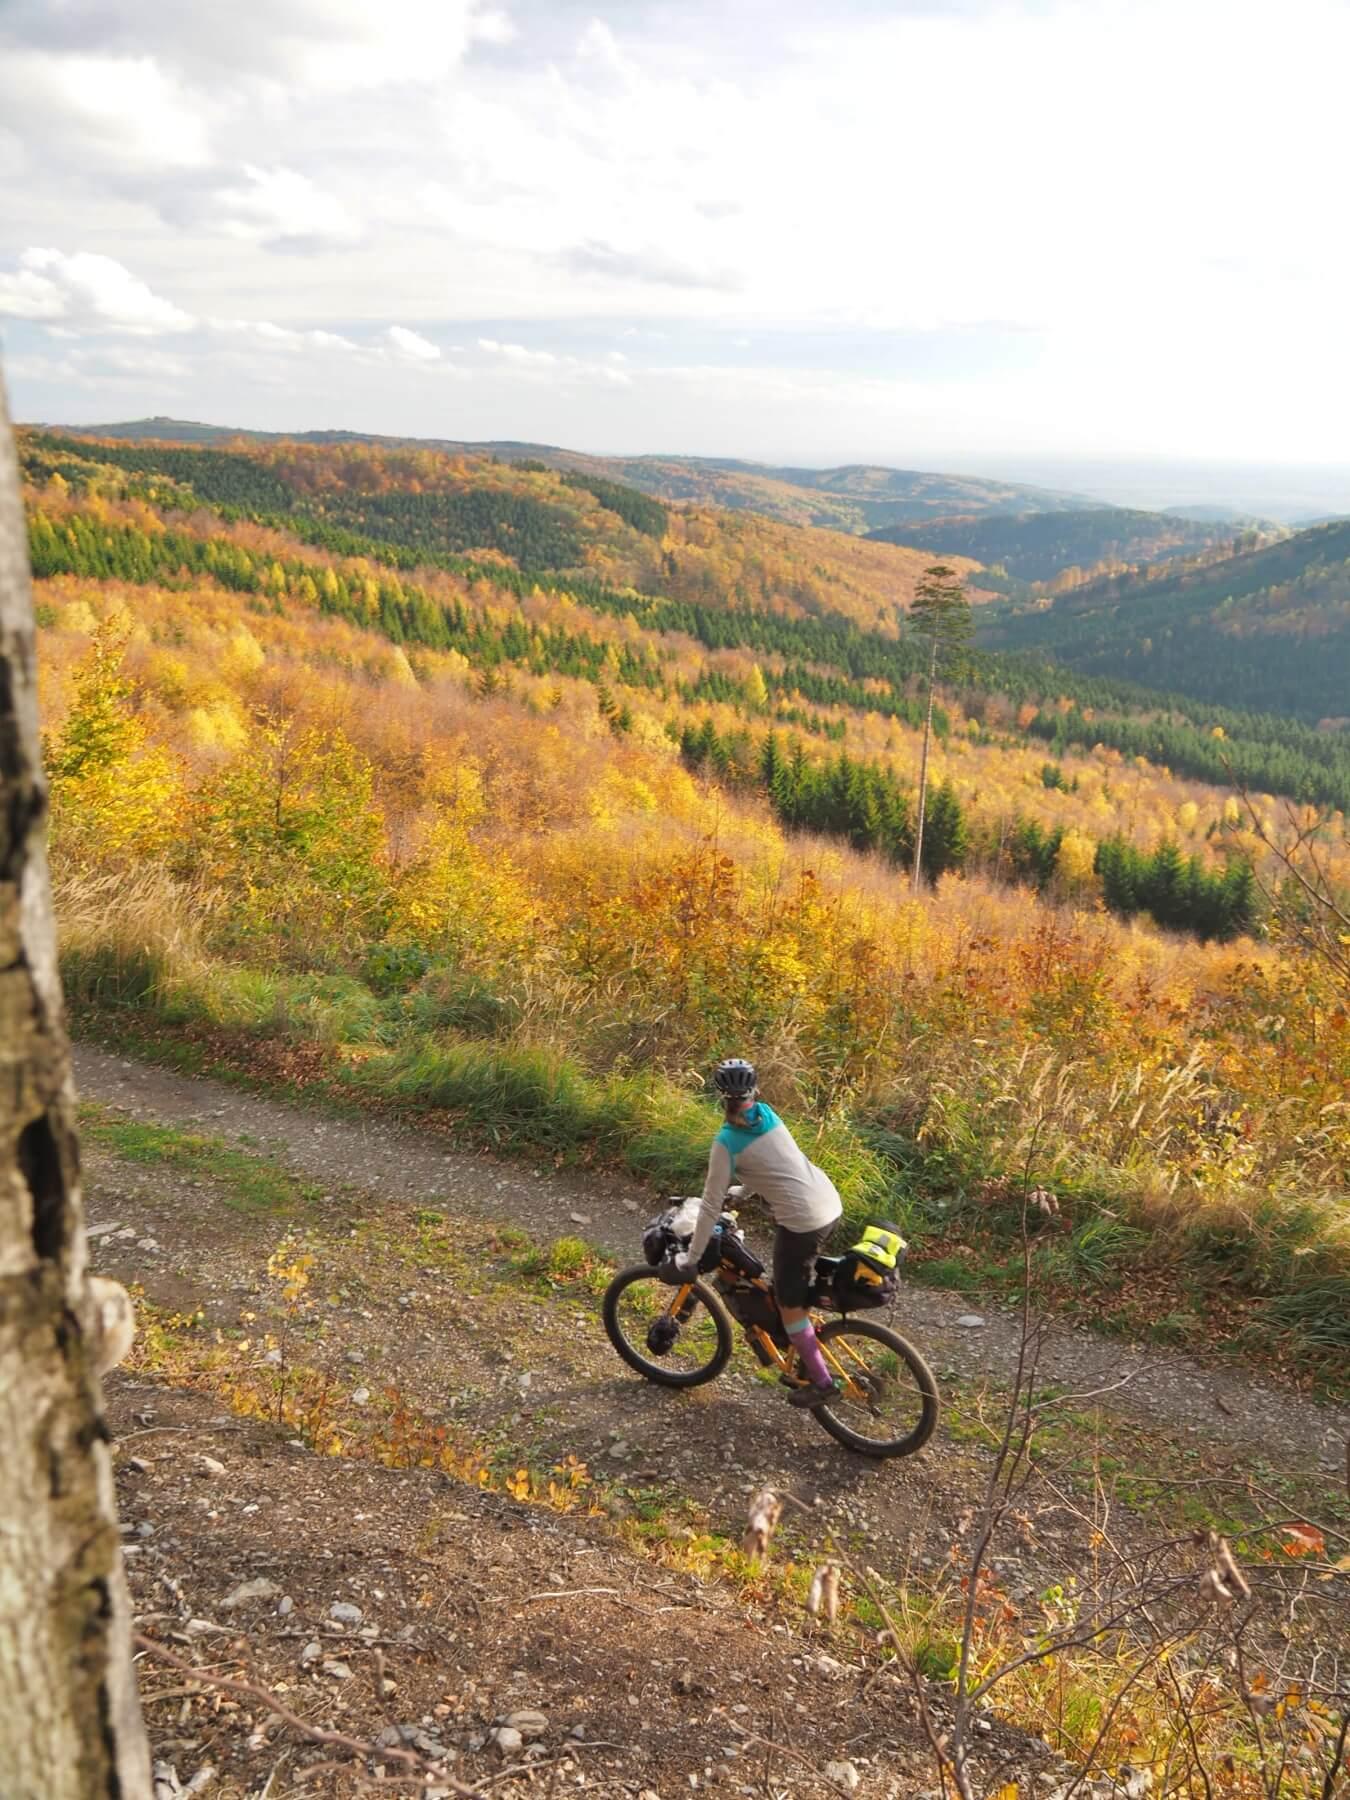 Podzim zbarvuje listí do zlatova a my přijíždíme na Rabštejn, místo kam rádi chodíme lézt.